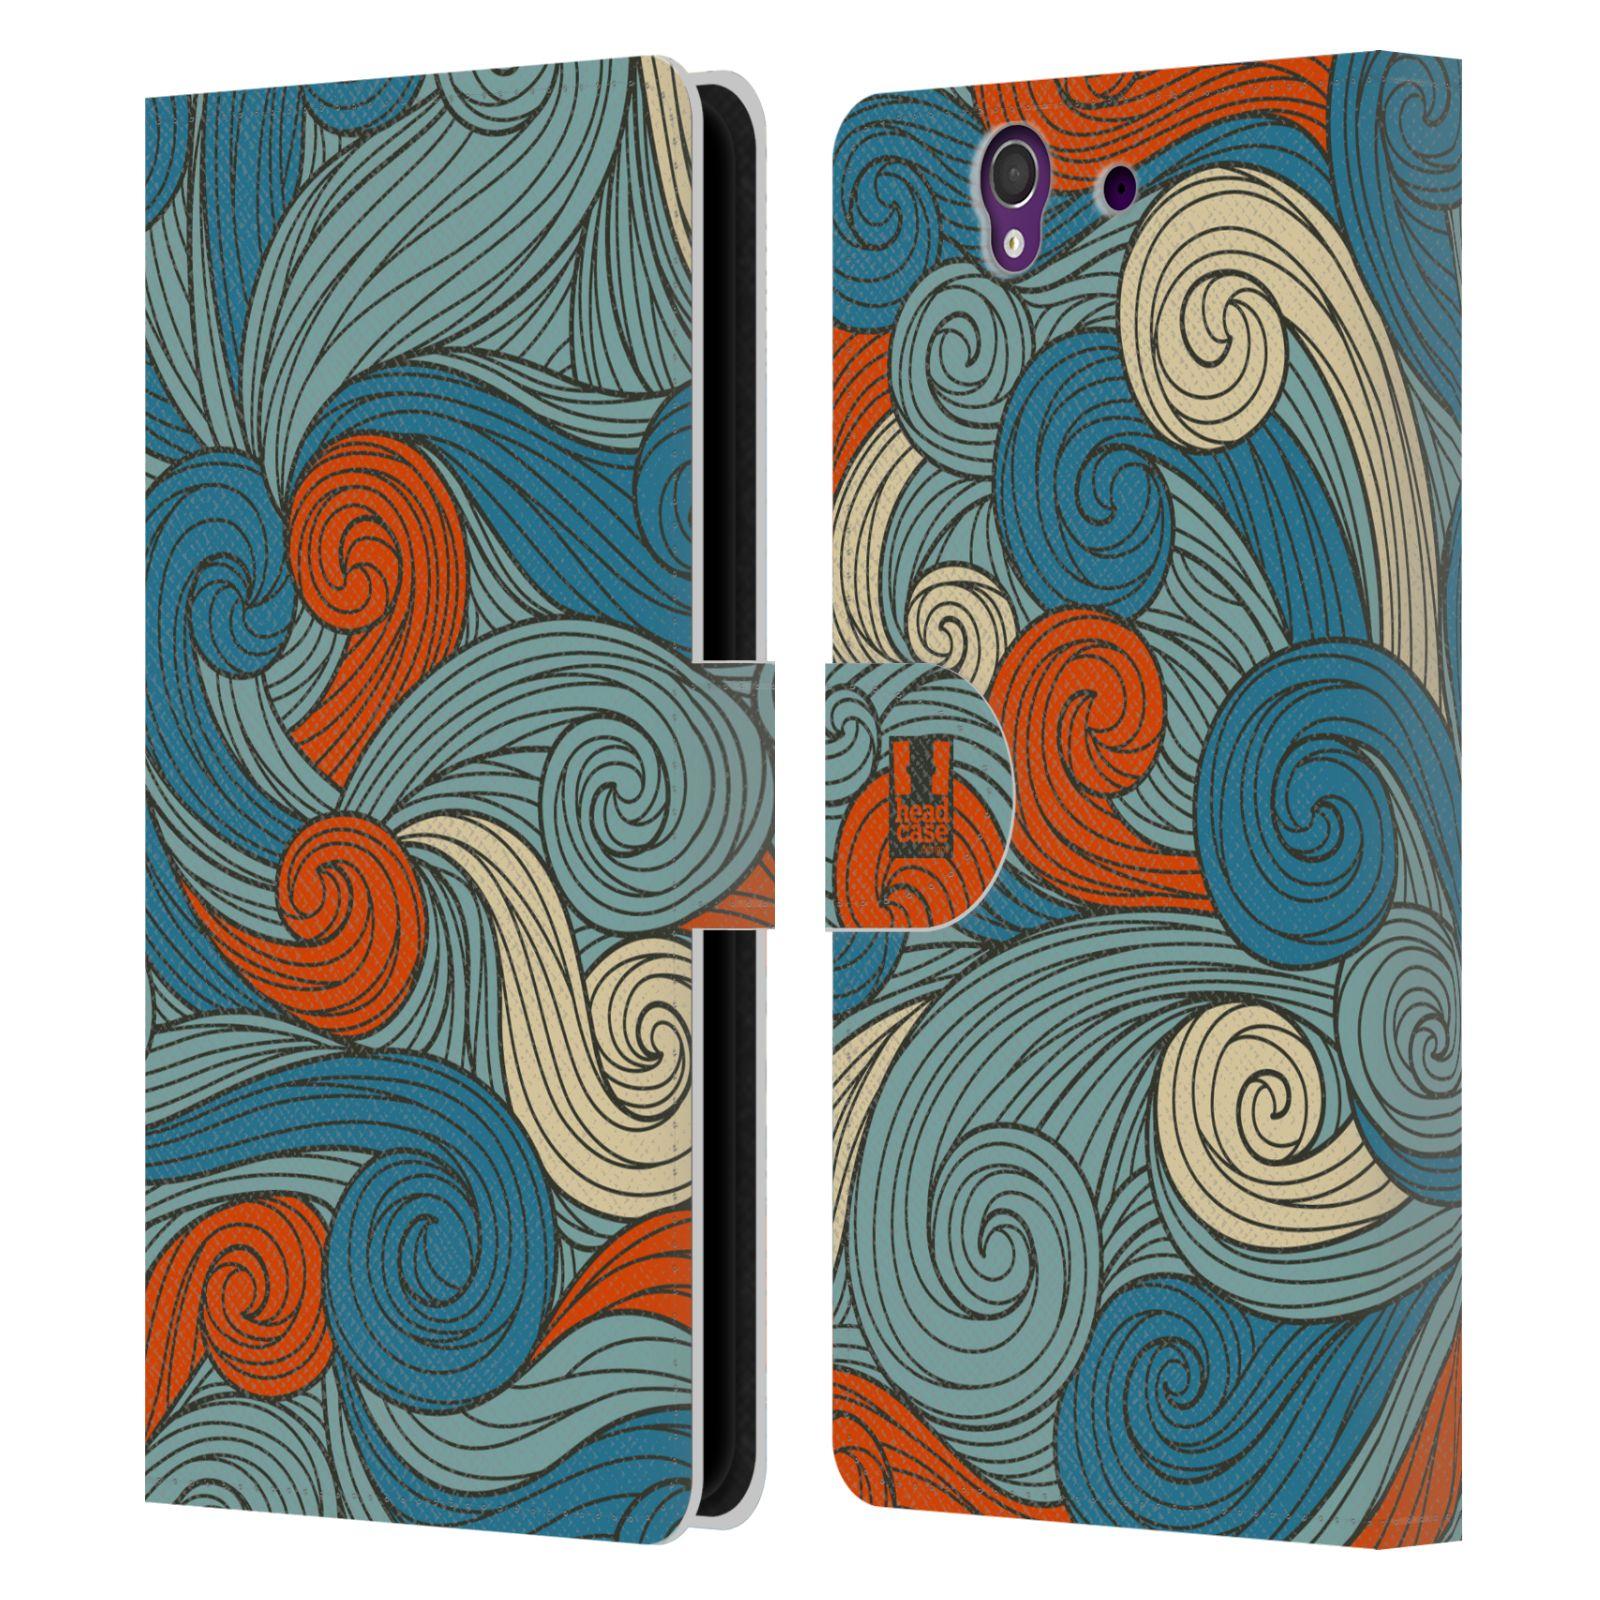 HEAD CASE Flipové pouzdro pro mobil SONY XPERIA Z (C6603) barevné vlny oranžová a modrá